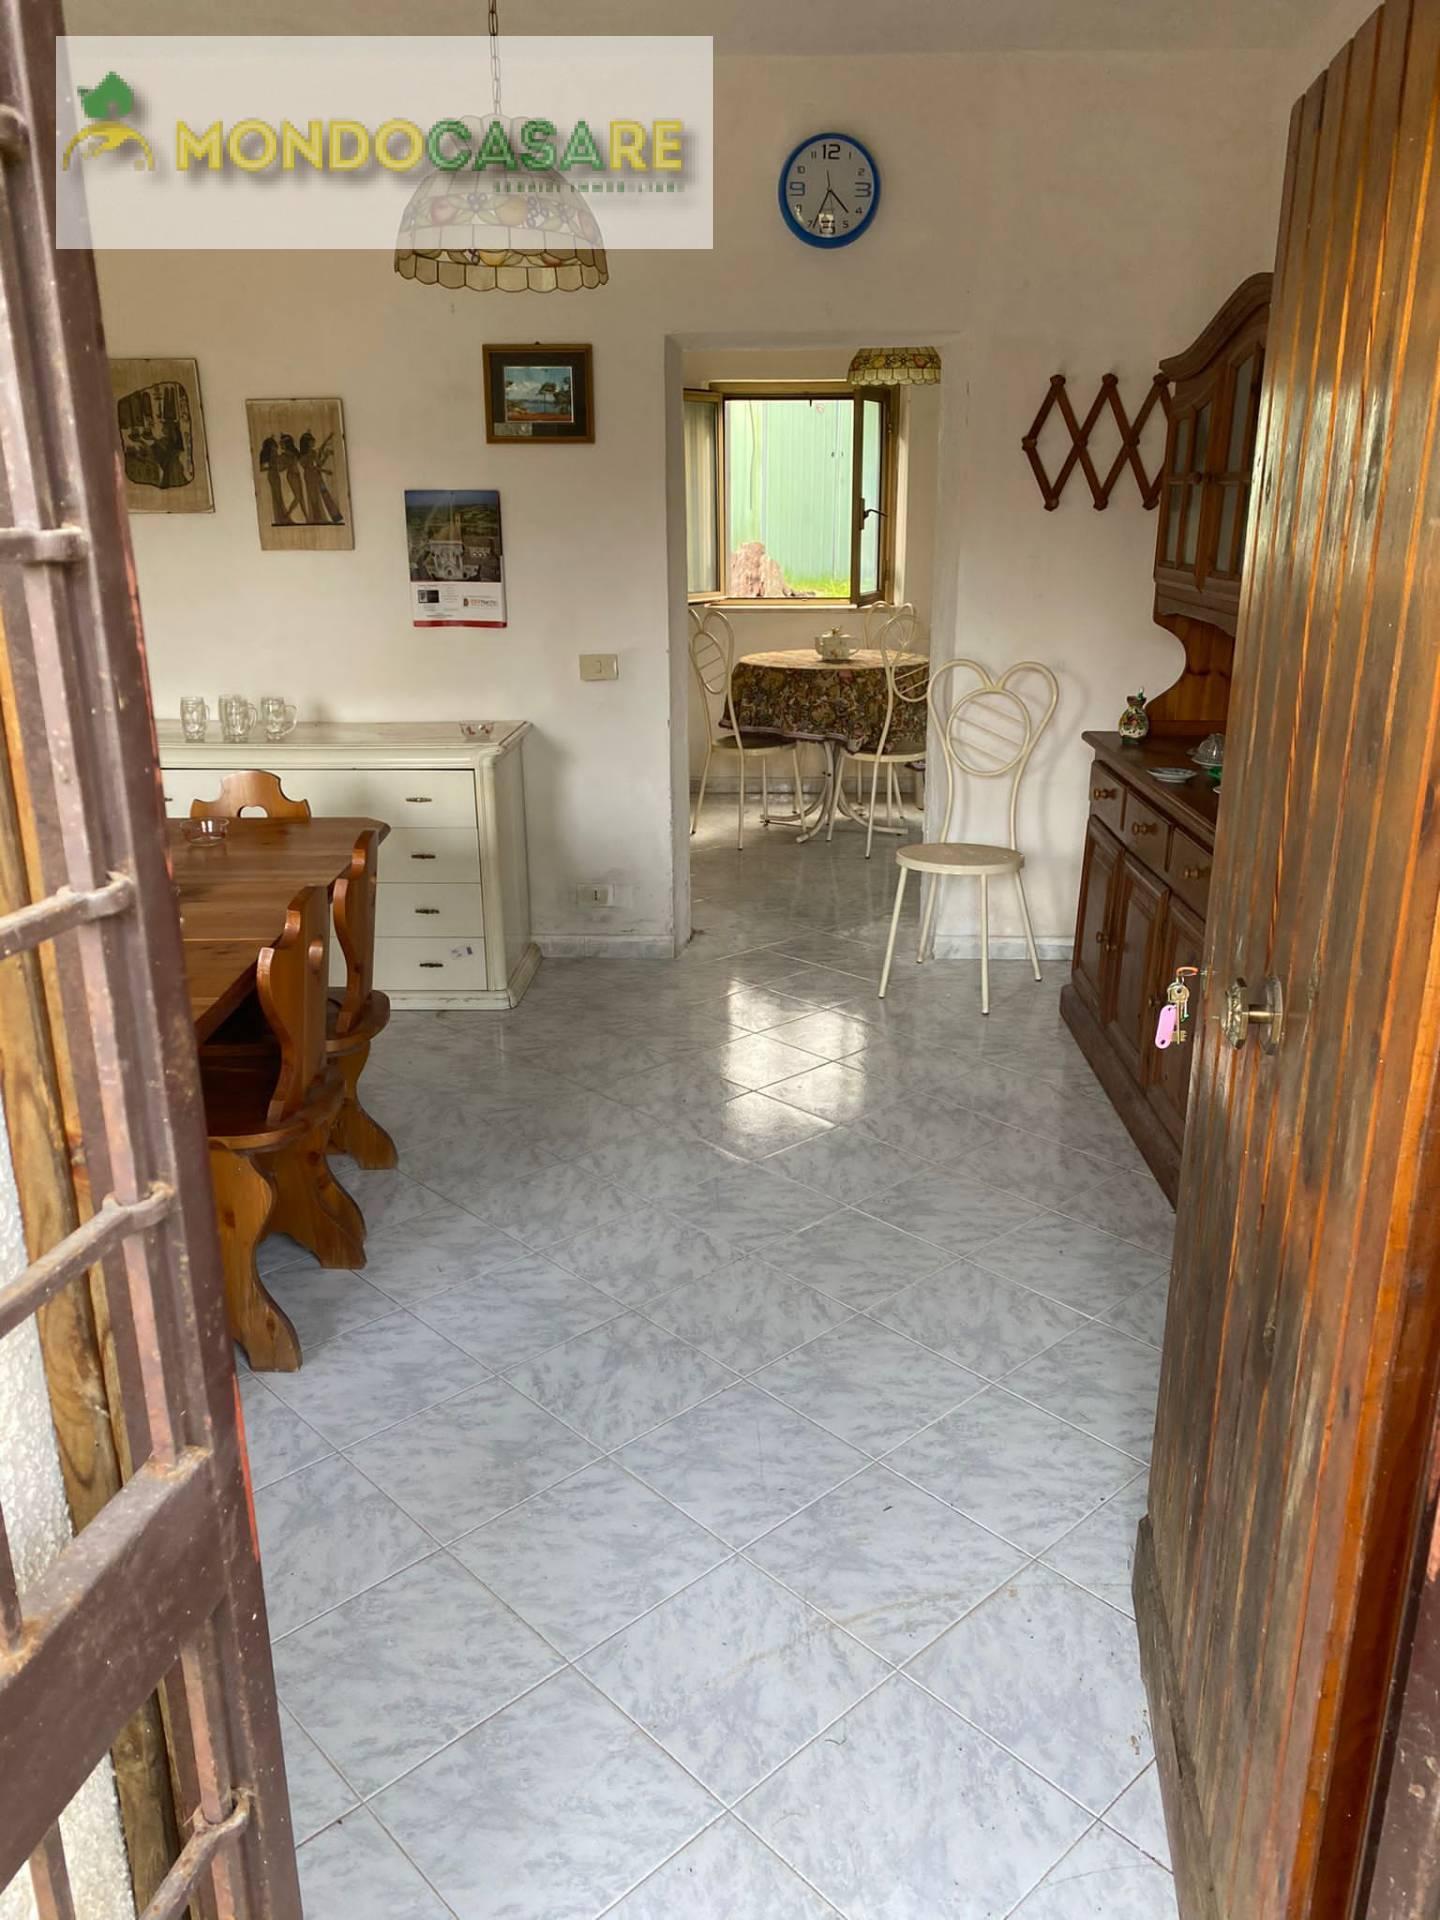 Soluzione Indipendente in vendita a Palombara Sabina, 2 locali, zona Località: ZonaBPalombaraSabina, prezzo € 59.000 | CambioCasa.it